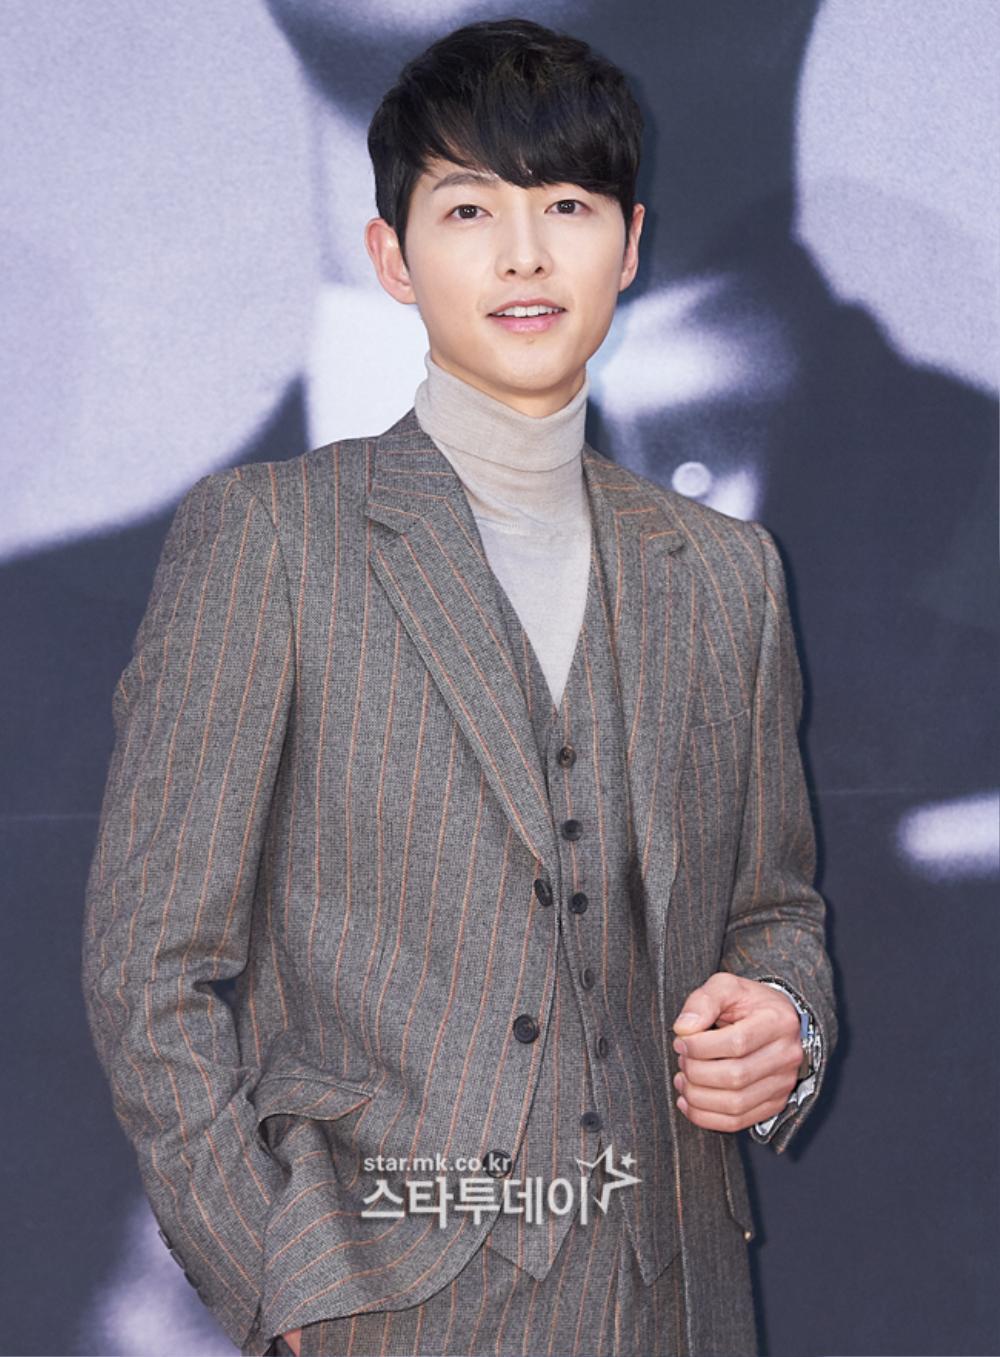 'Tình mới' không dám skinship với Song Joong Ki, rạng rỡ khoác tay Ok Taecyeon tại họp báo 'Vincenzo' Ảnh 8